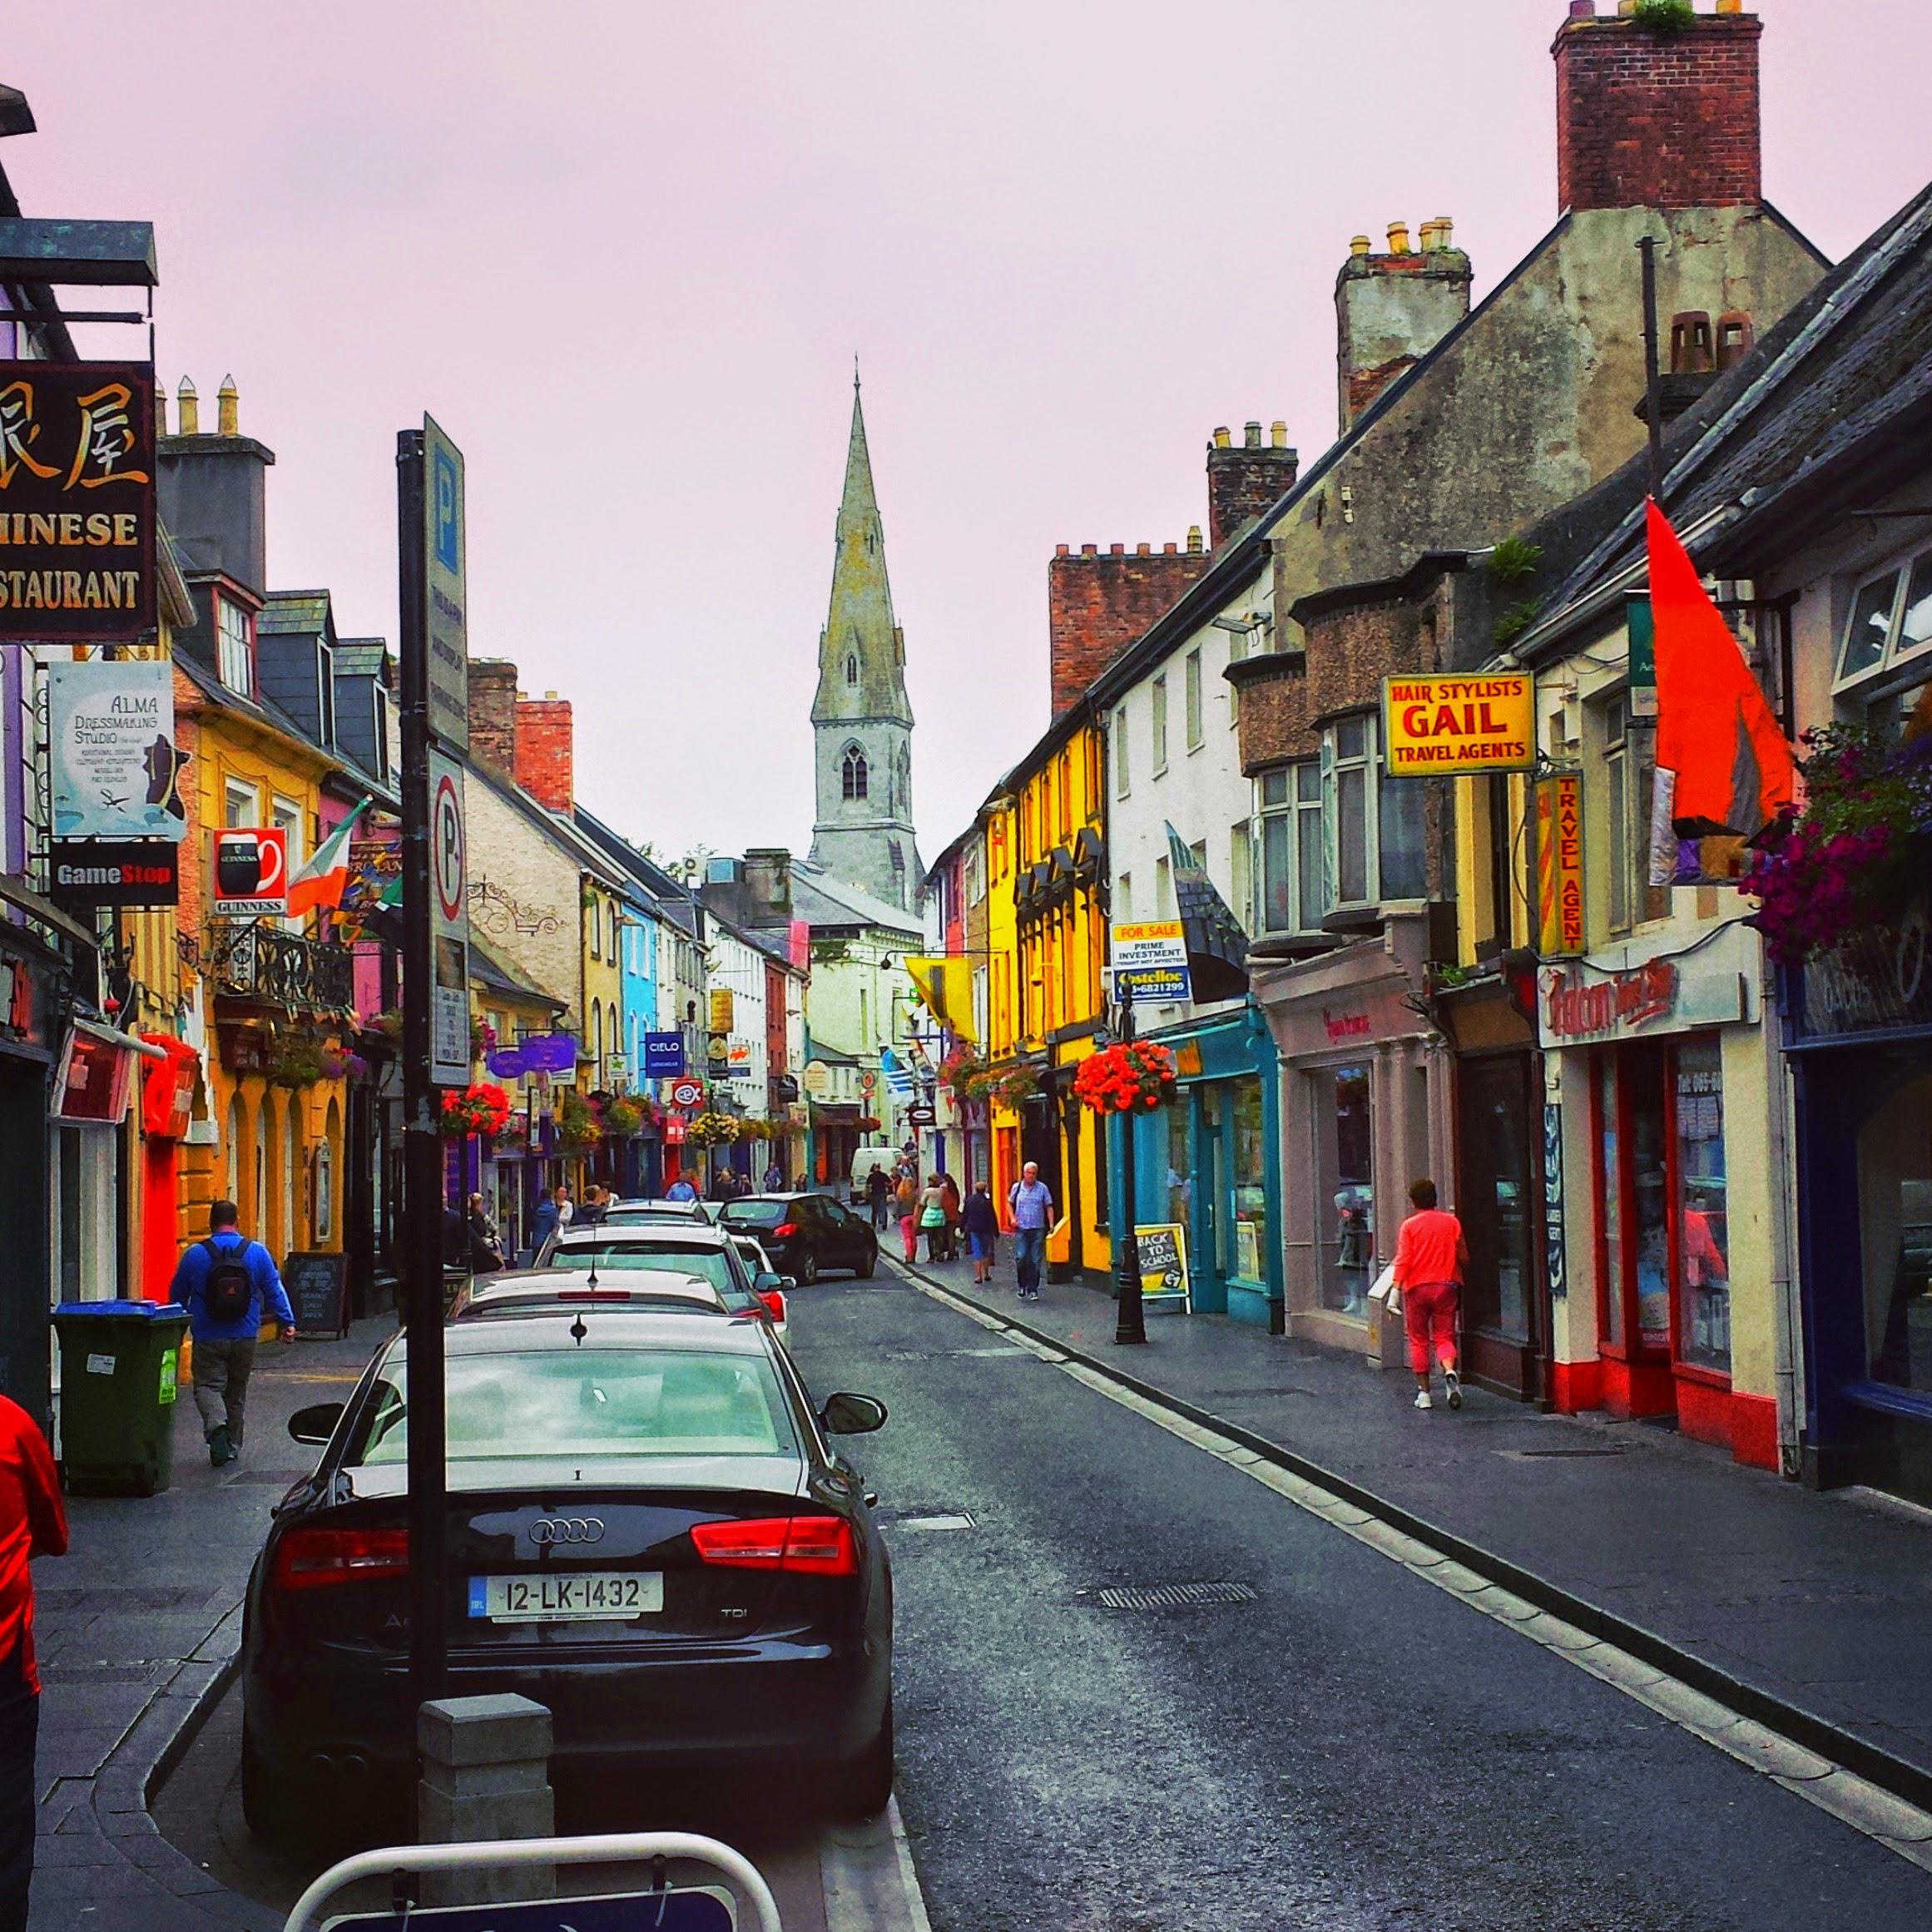 High Street in Ennis